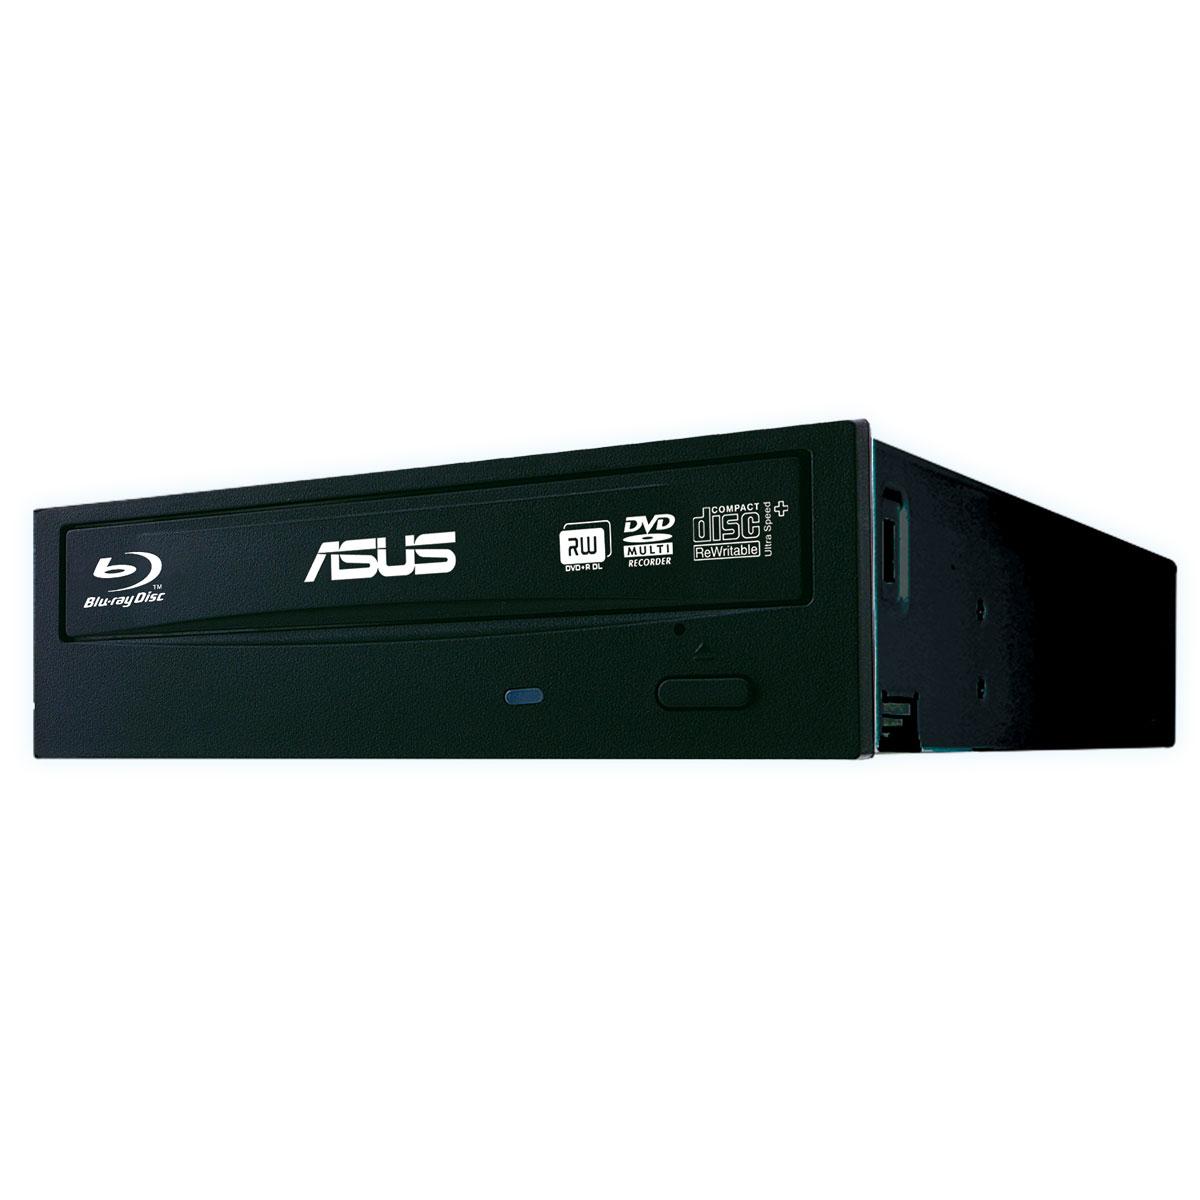 Lecteur graveur ASUS BC-12D2HT Noir (bulk) Lecteur Blu-ray / Graveur DVD - BD-R/RE 12/8x DL(BD-R/RE) 8/6x DVD(+/-)RW/RAM 8/6/5 DL(+/-) 8/8x CD-RW 24x Serial ATA compatible M-Disc (bulk)